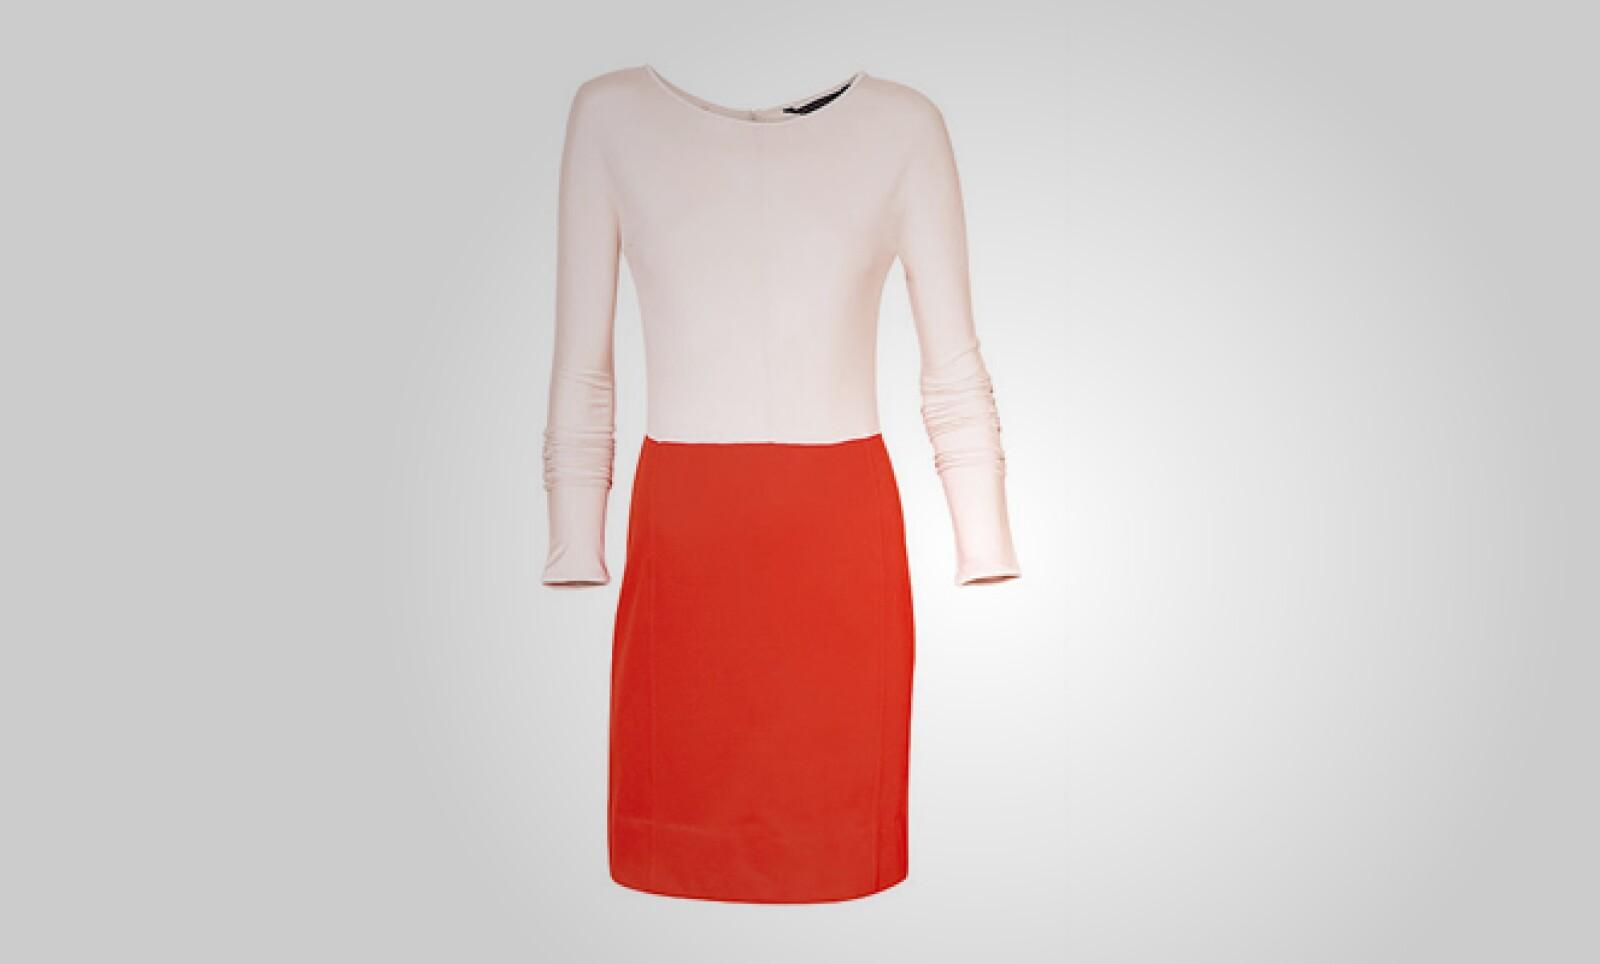 Un conjunto clásico de blusa y vestido rojo, ideal para mantener el estilo casual en la oficina.